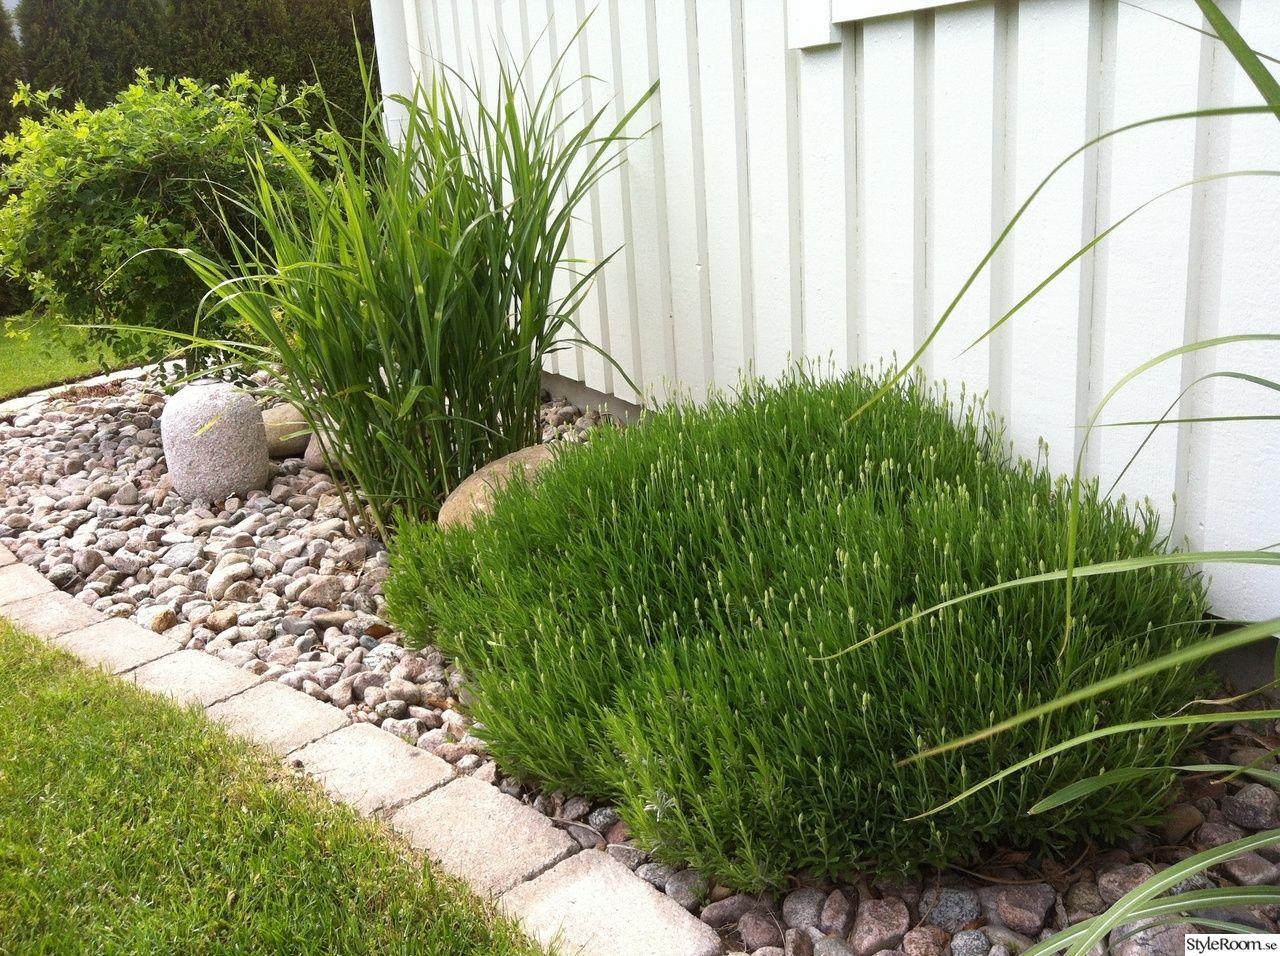 prydnadsgräs,lavendel,hängkaragan,stenar | Anlägga trädgård ...